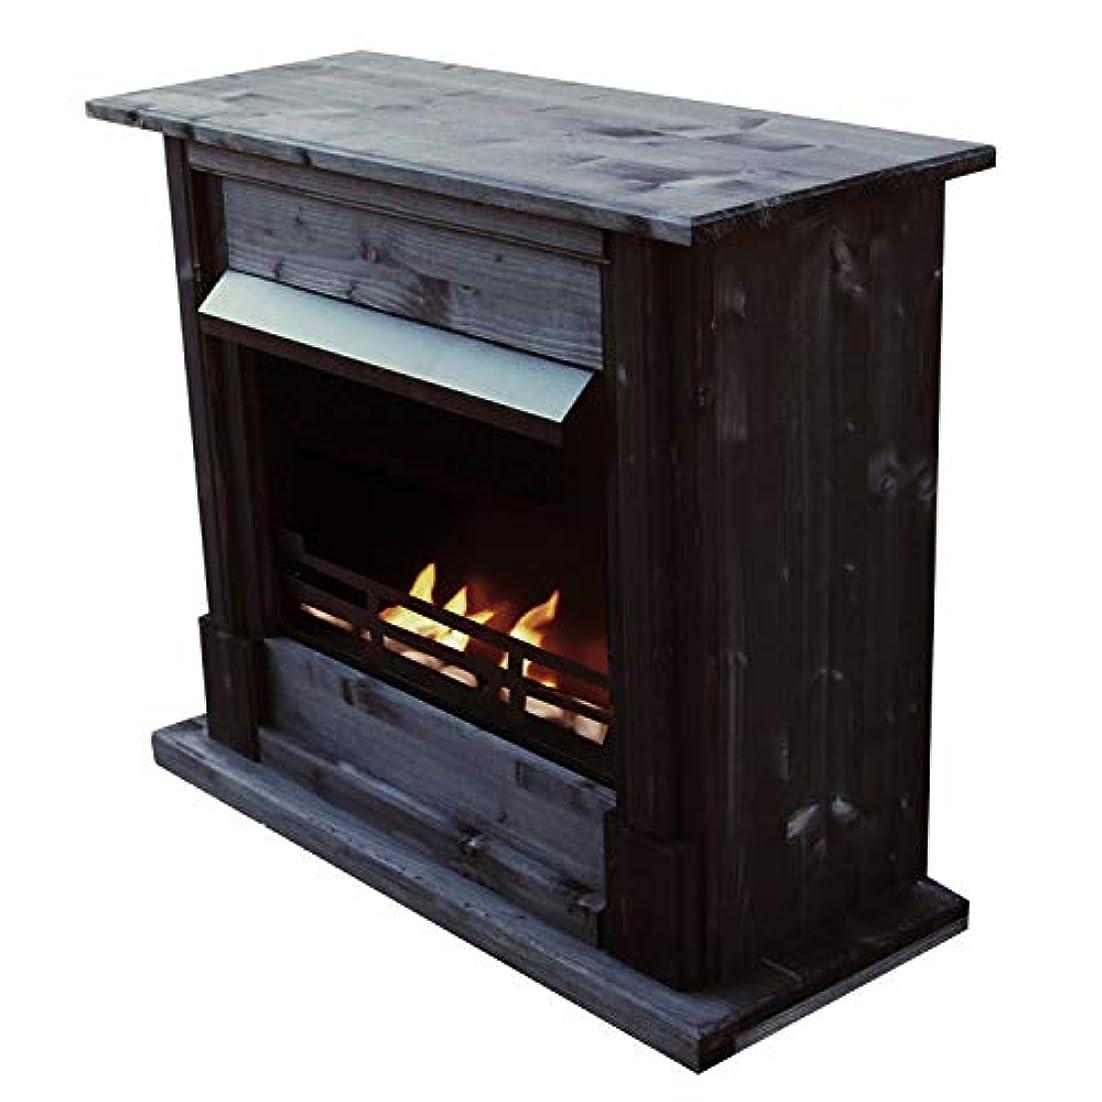 デュアルウォルターカニンガム部分的にジェル+ ethanol fire-places Emilyデラックスinclusive : 1調節可能なstainless-steel Burner ブラック 10080